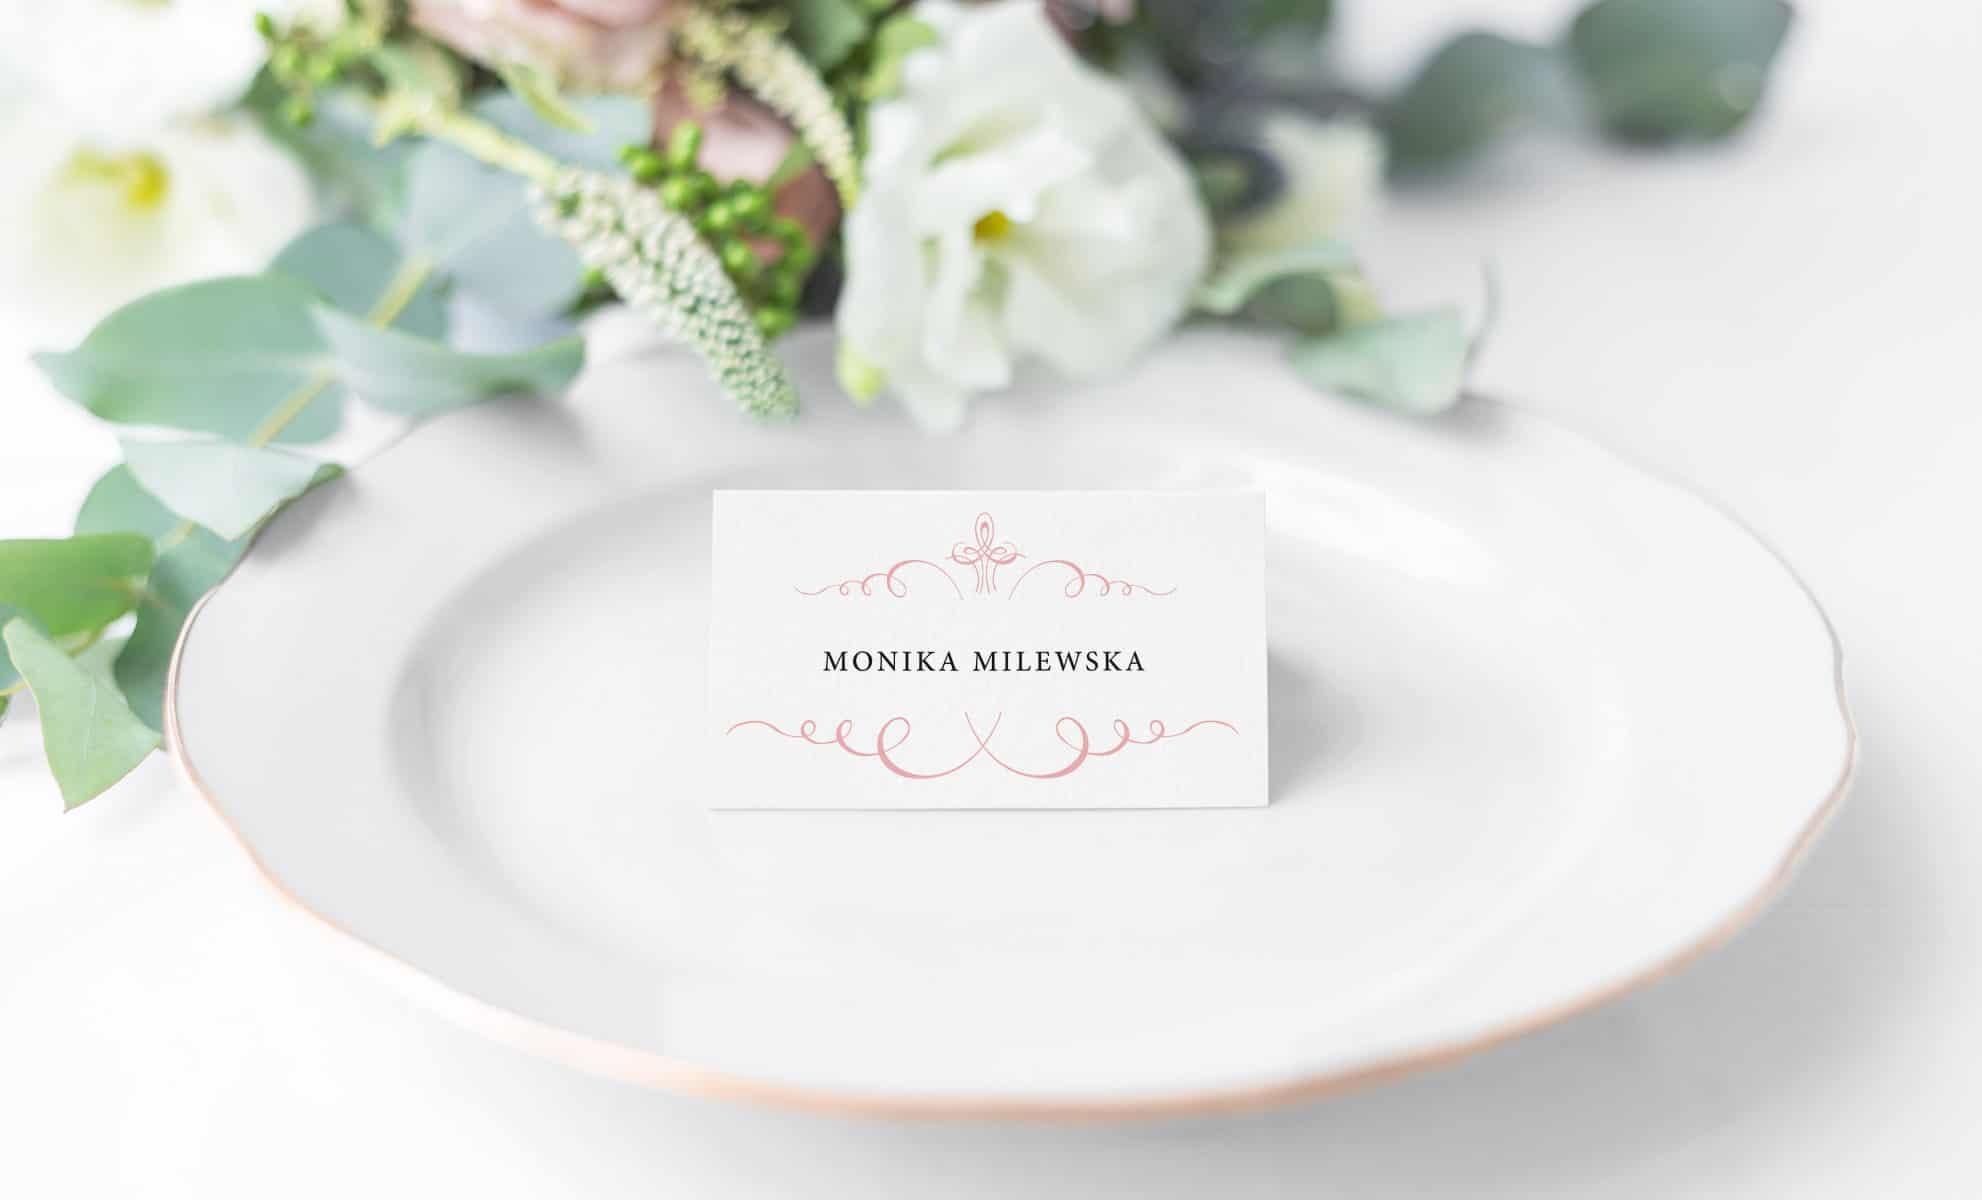 Winietki na stoły, różowe w stylu vintage